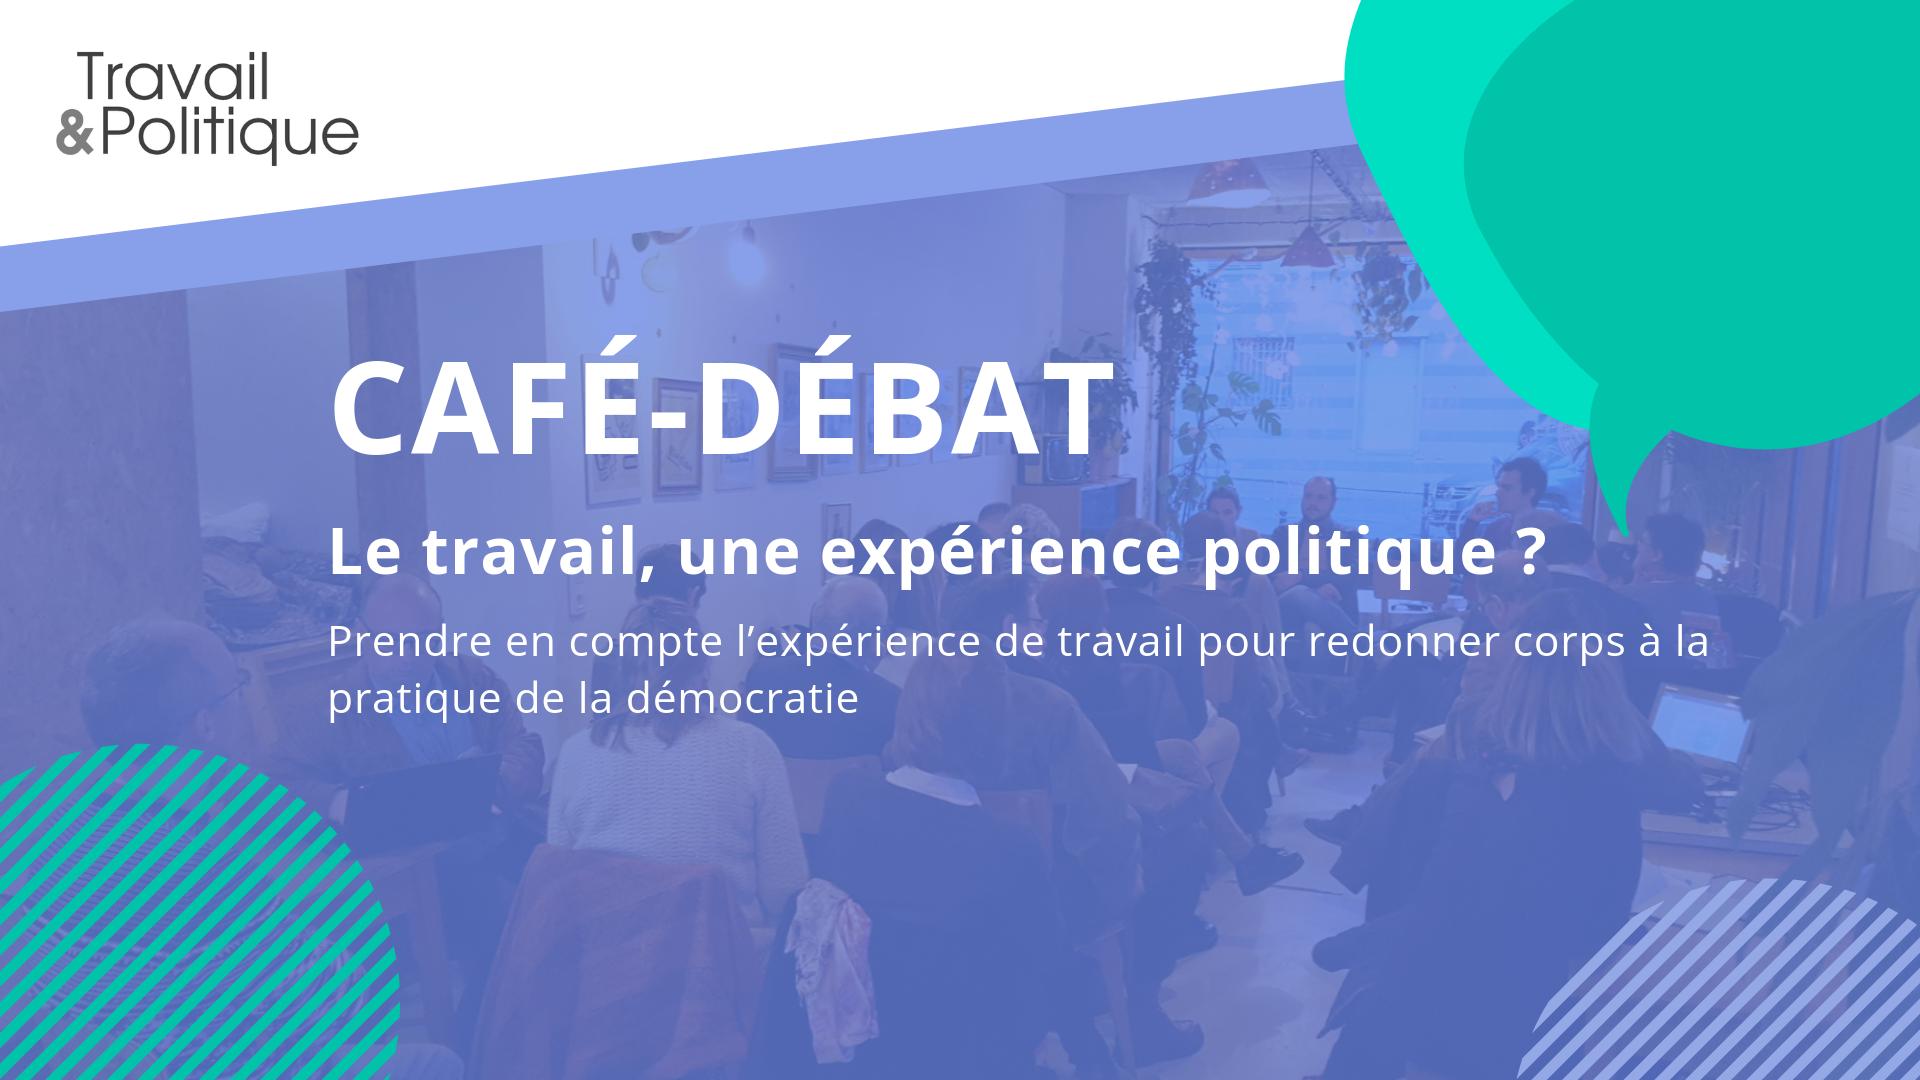 Café-débat Travail et Politique bifurcations professionnelles supercafé